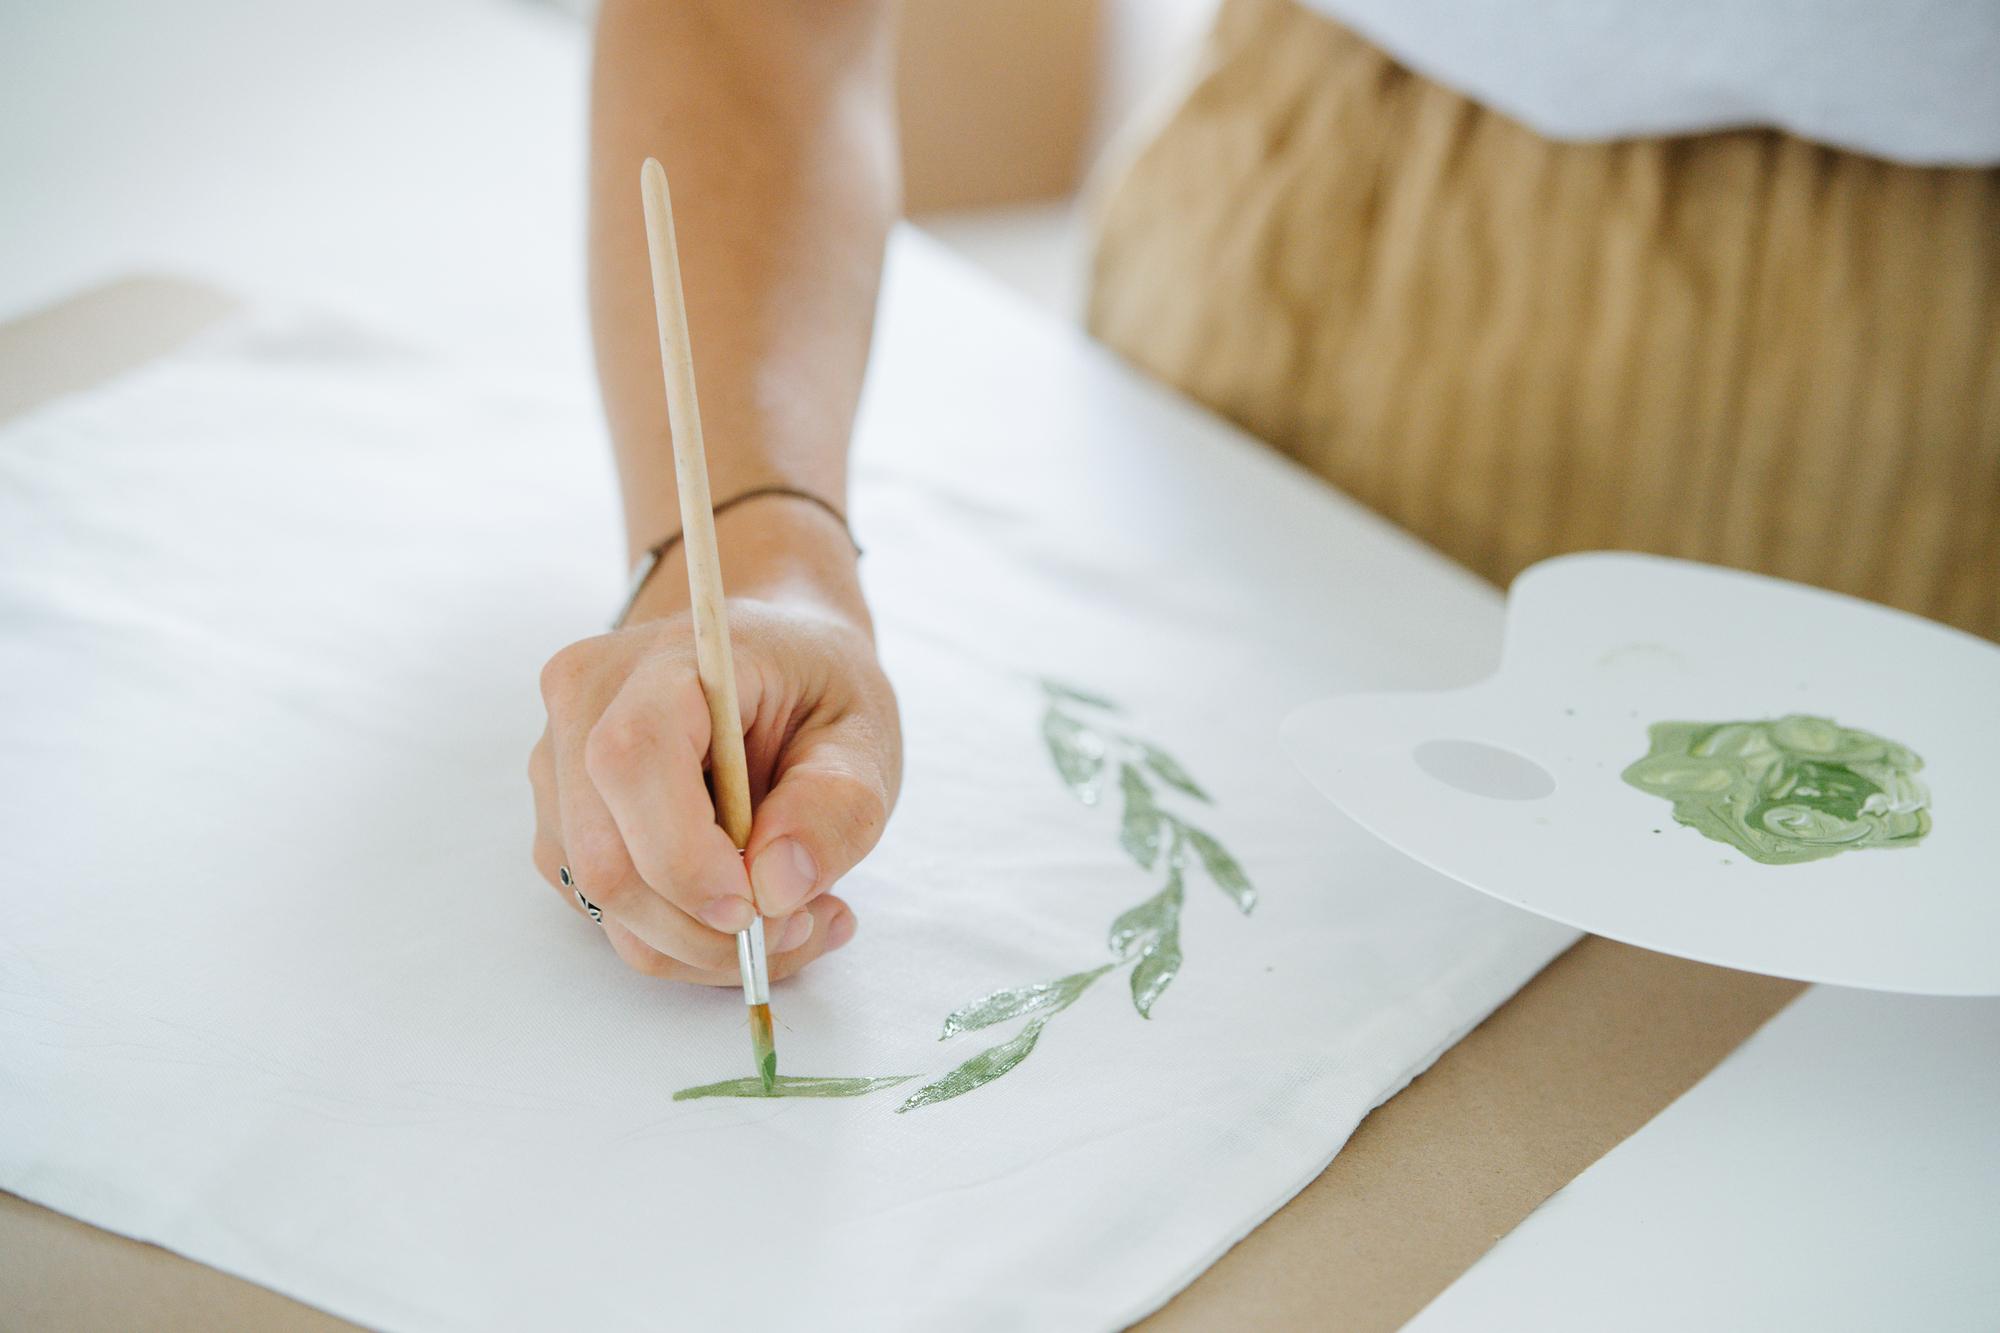 close-up hands paint a floral ornament